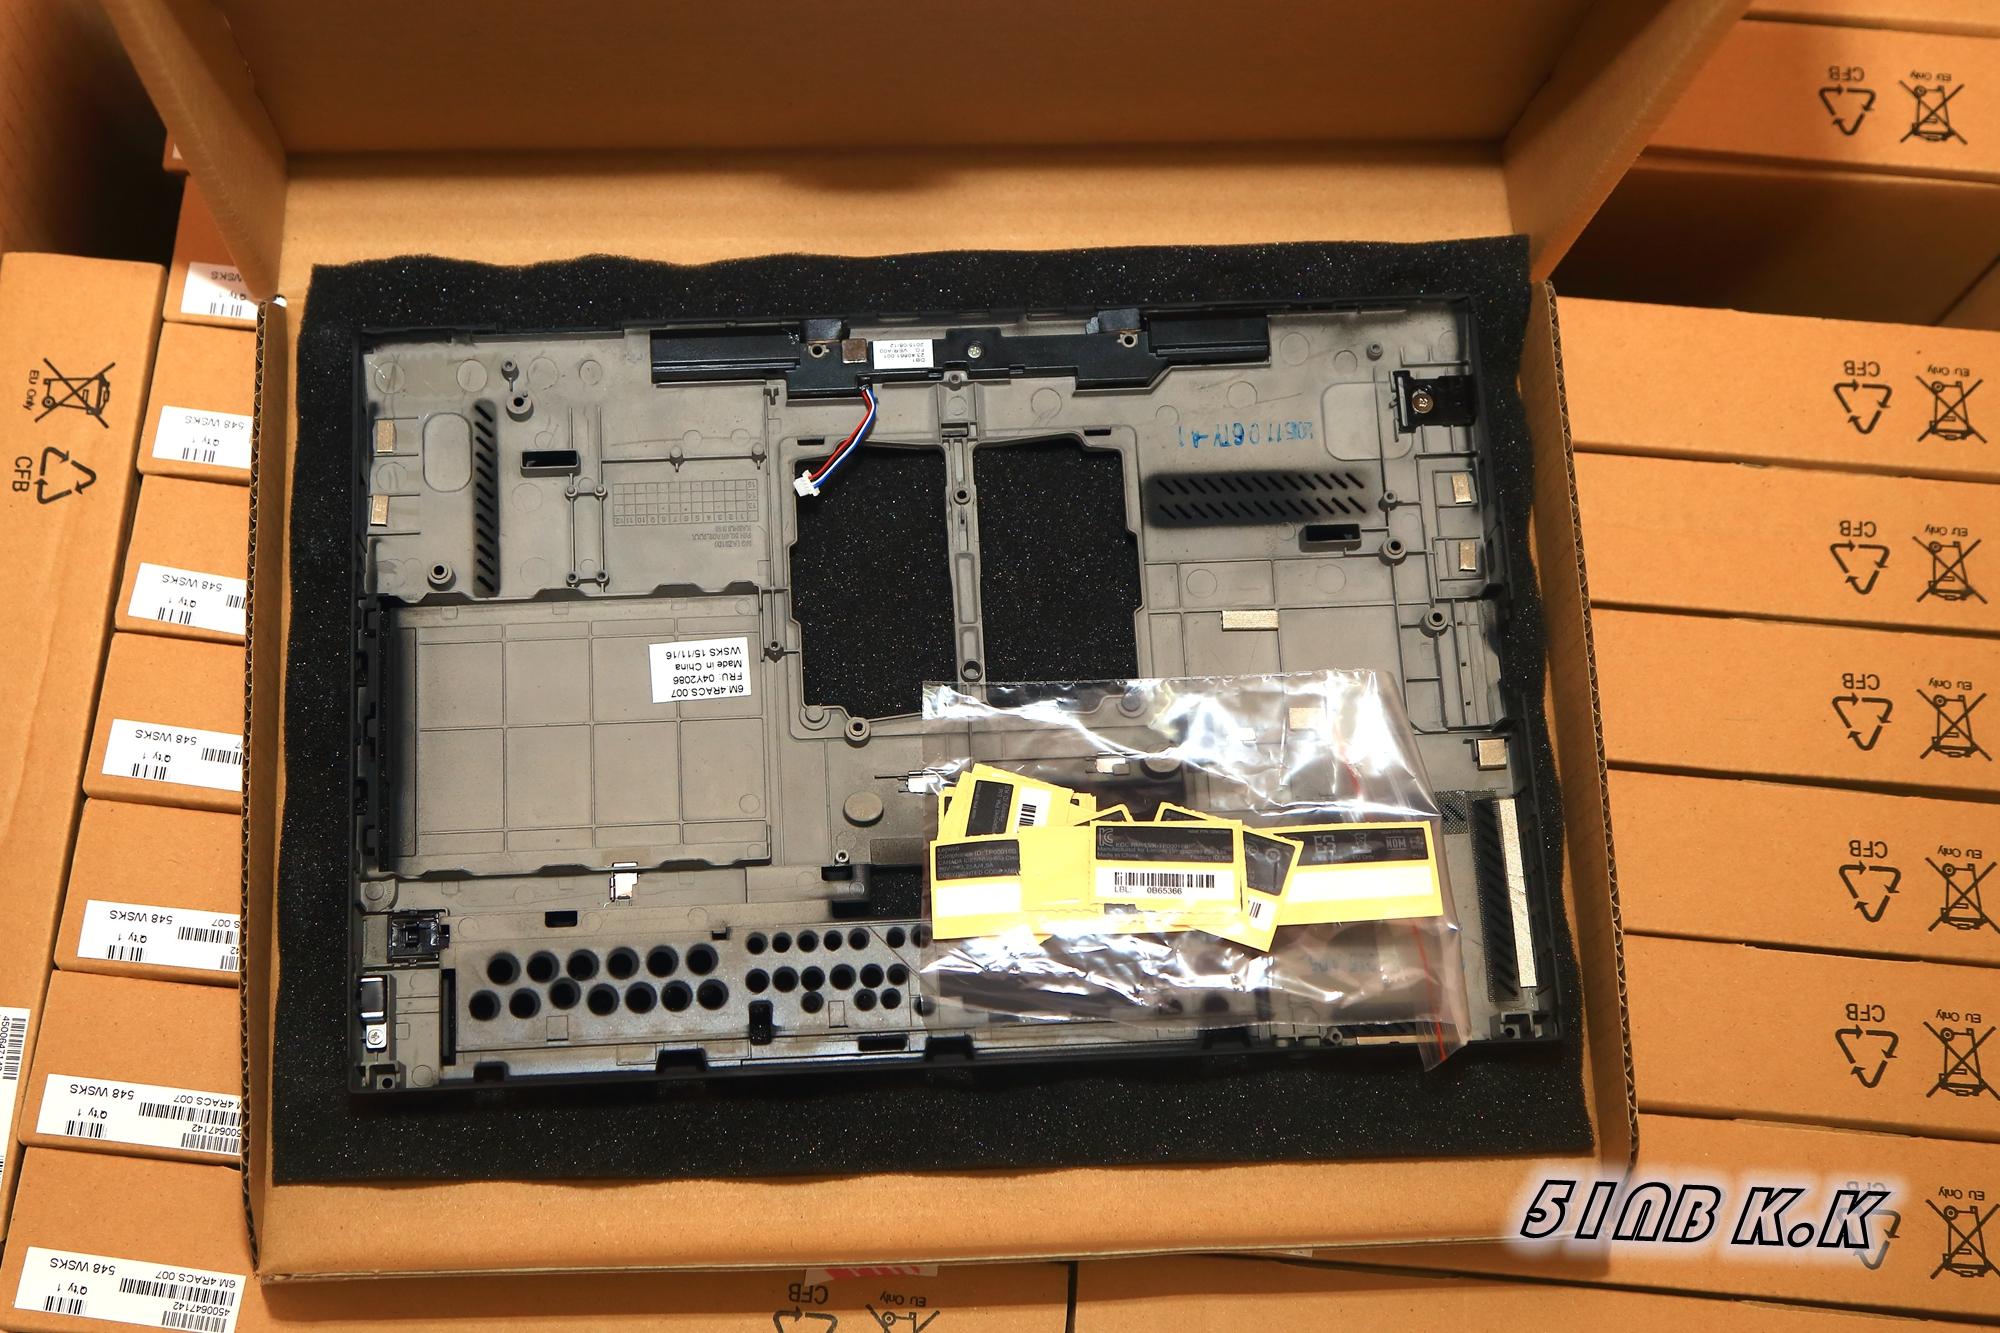 K K Thinkpad x220 x230 DIY upgrade FHD WQHD 2K IPS screen d shell